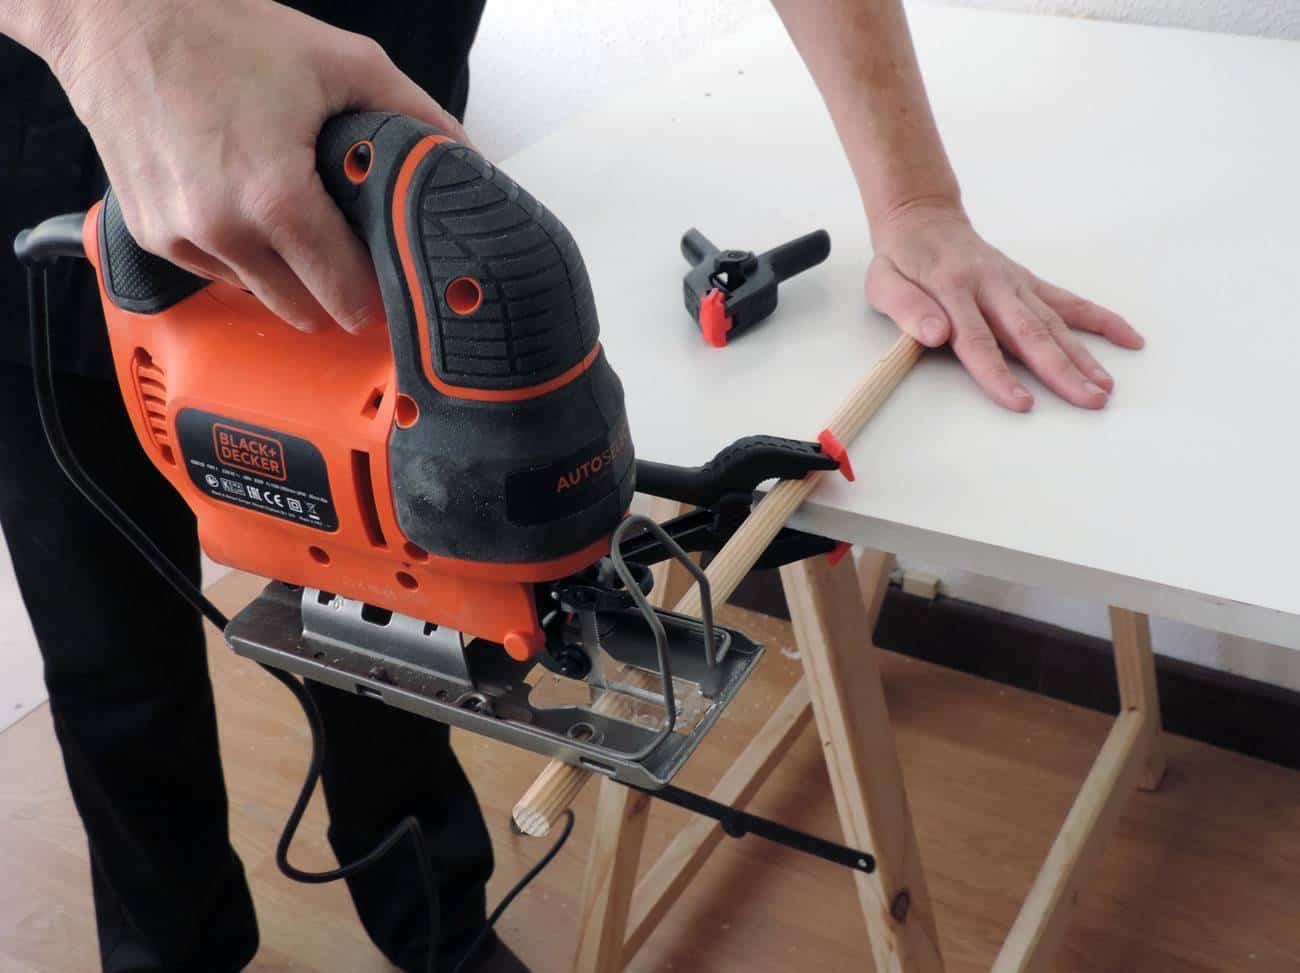 Estanteria para el recibidor - DIY -cortar palos 11